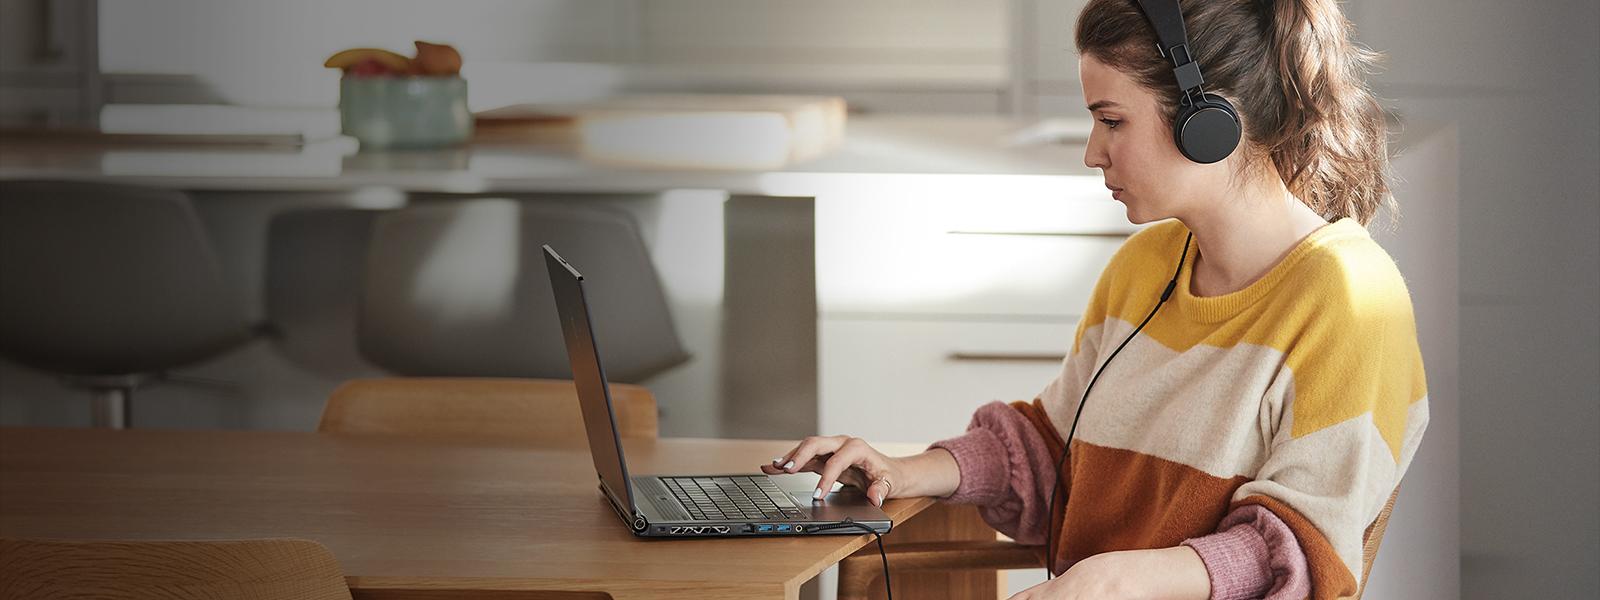 Femme travaillant sur un ordinateur avec des écouteurs.